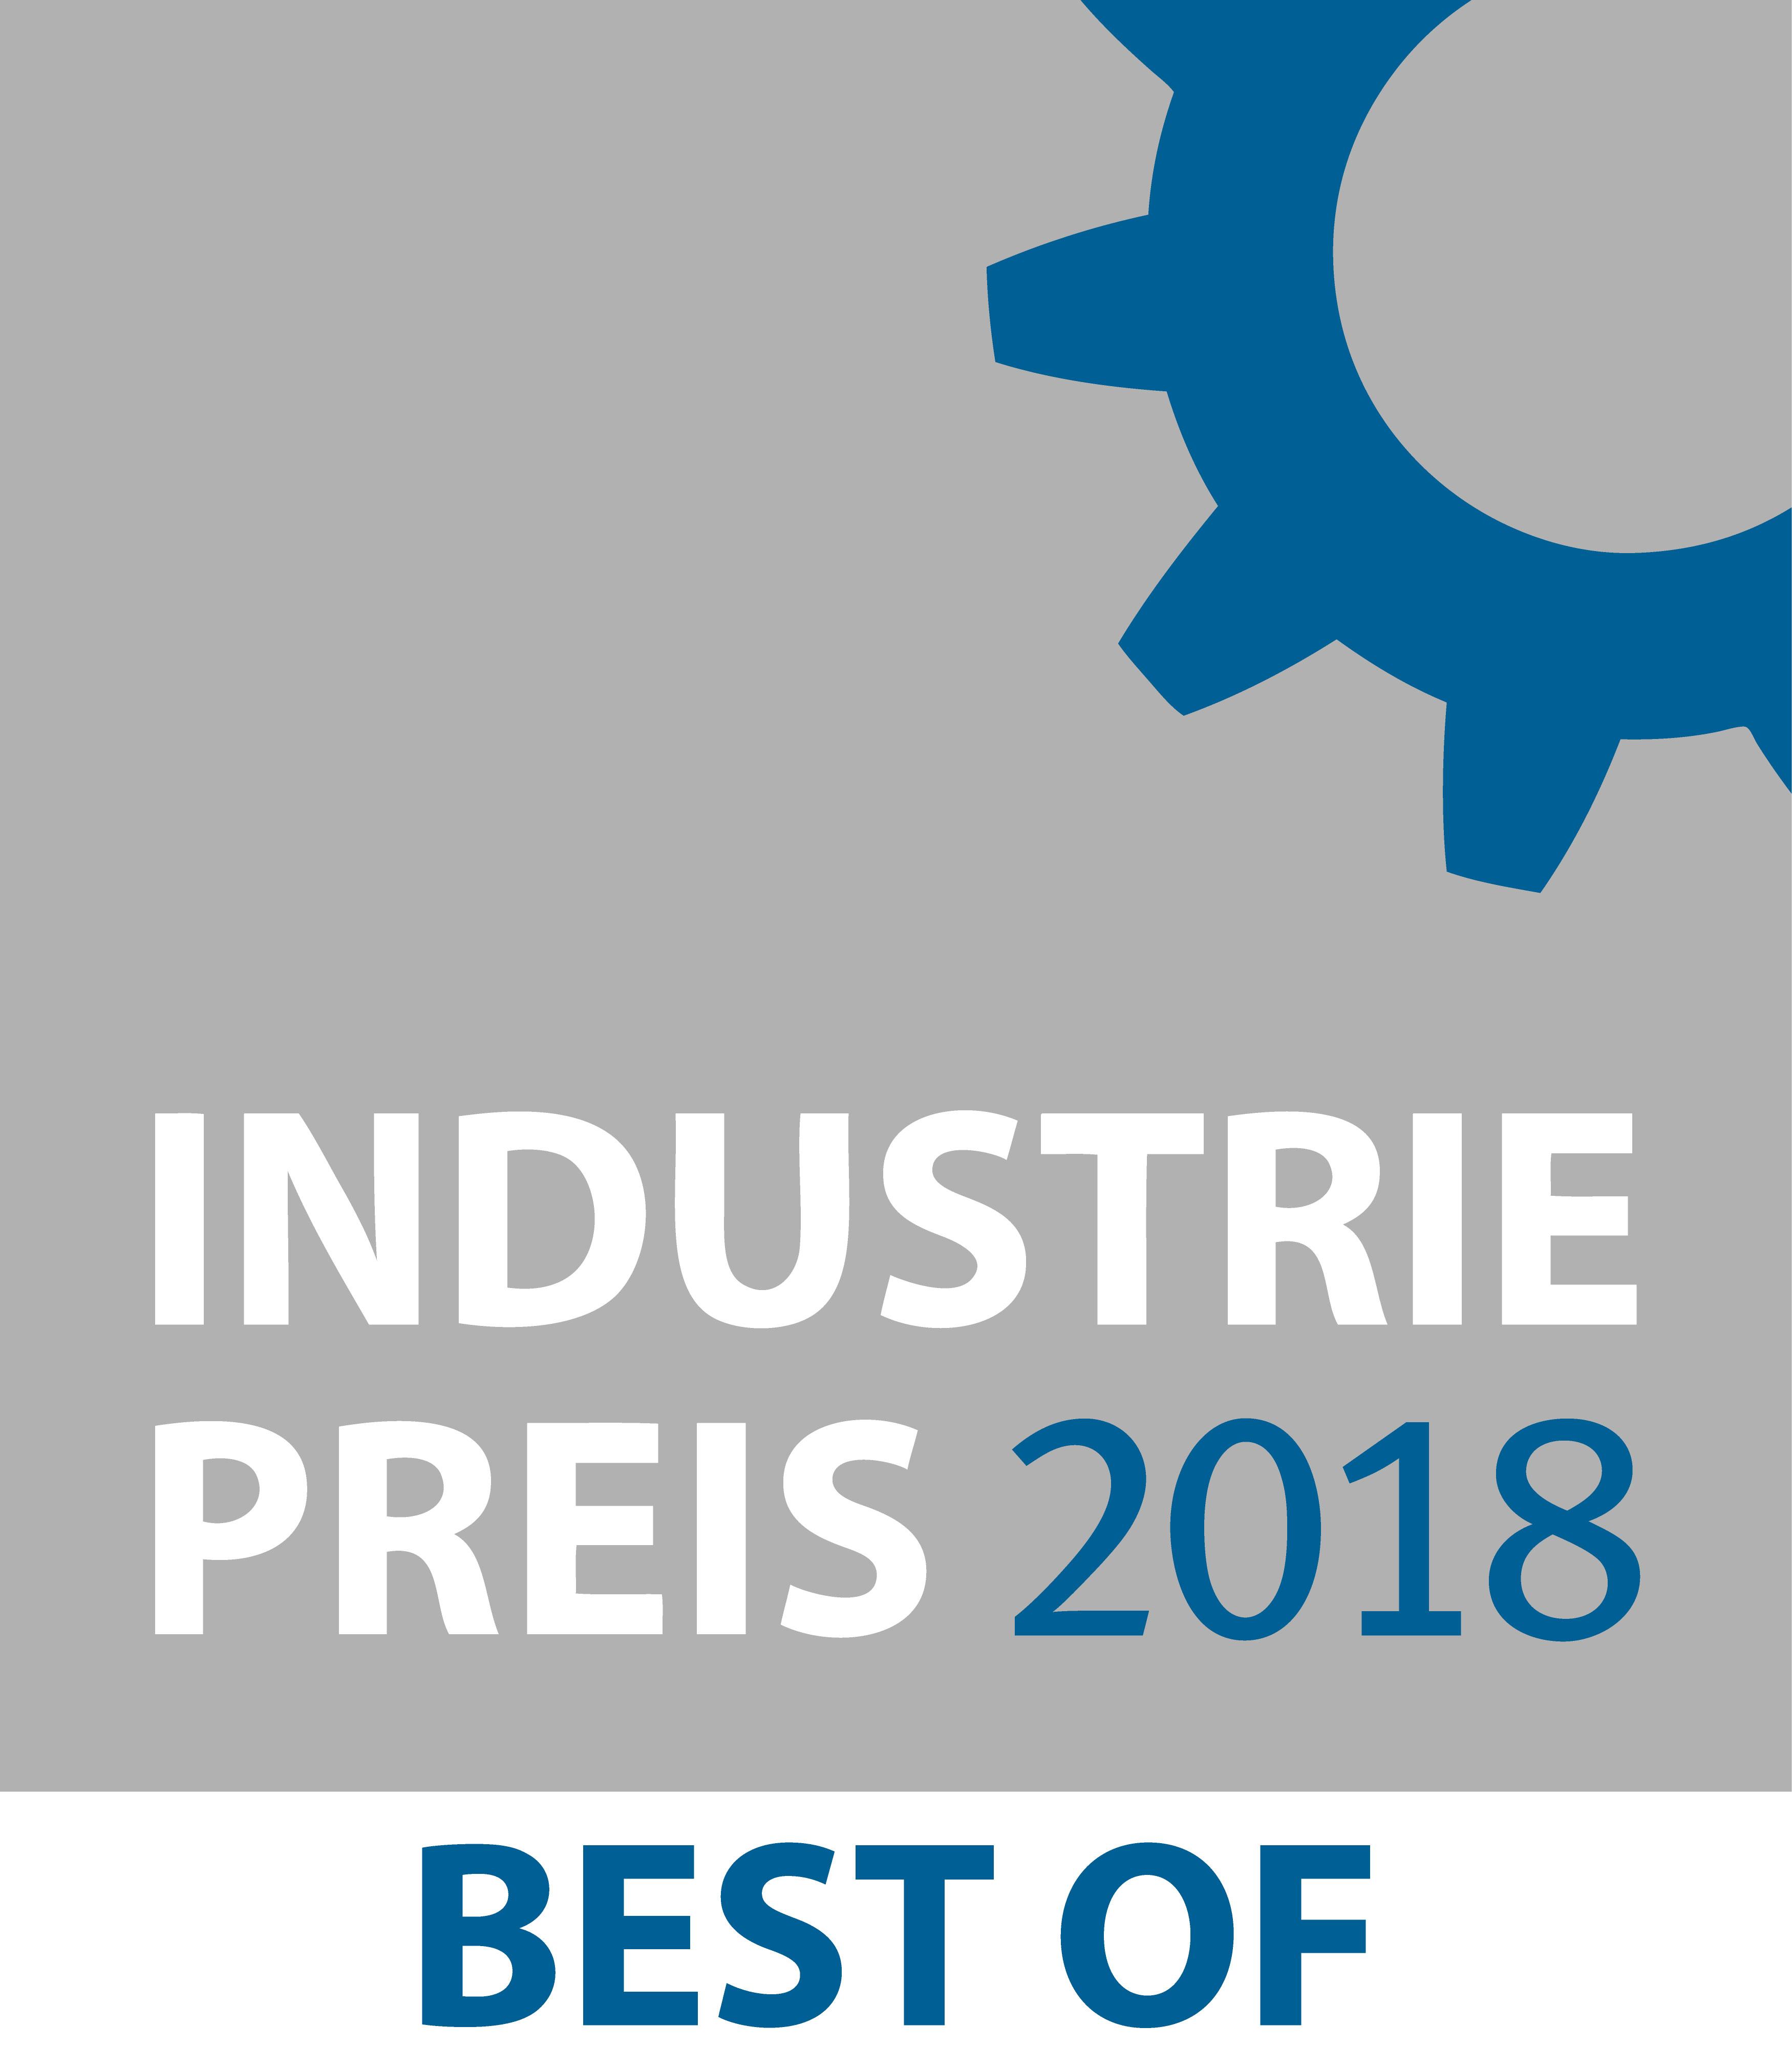 BestOf_Industriepreis_2018_3500px